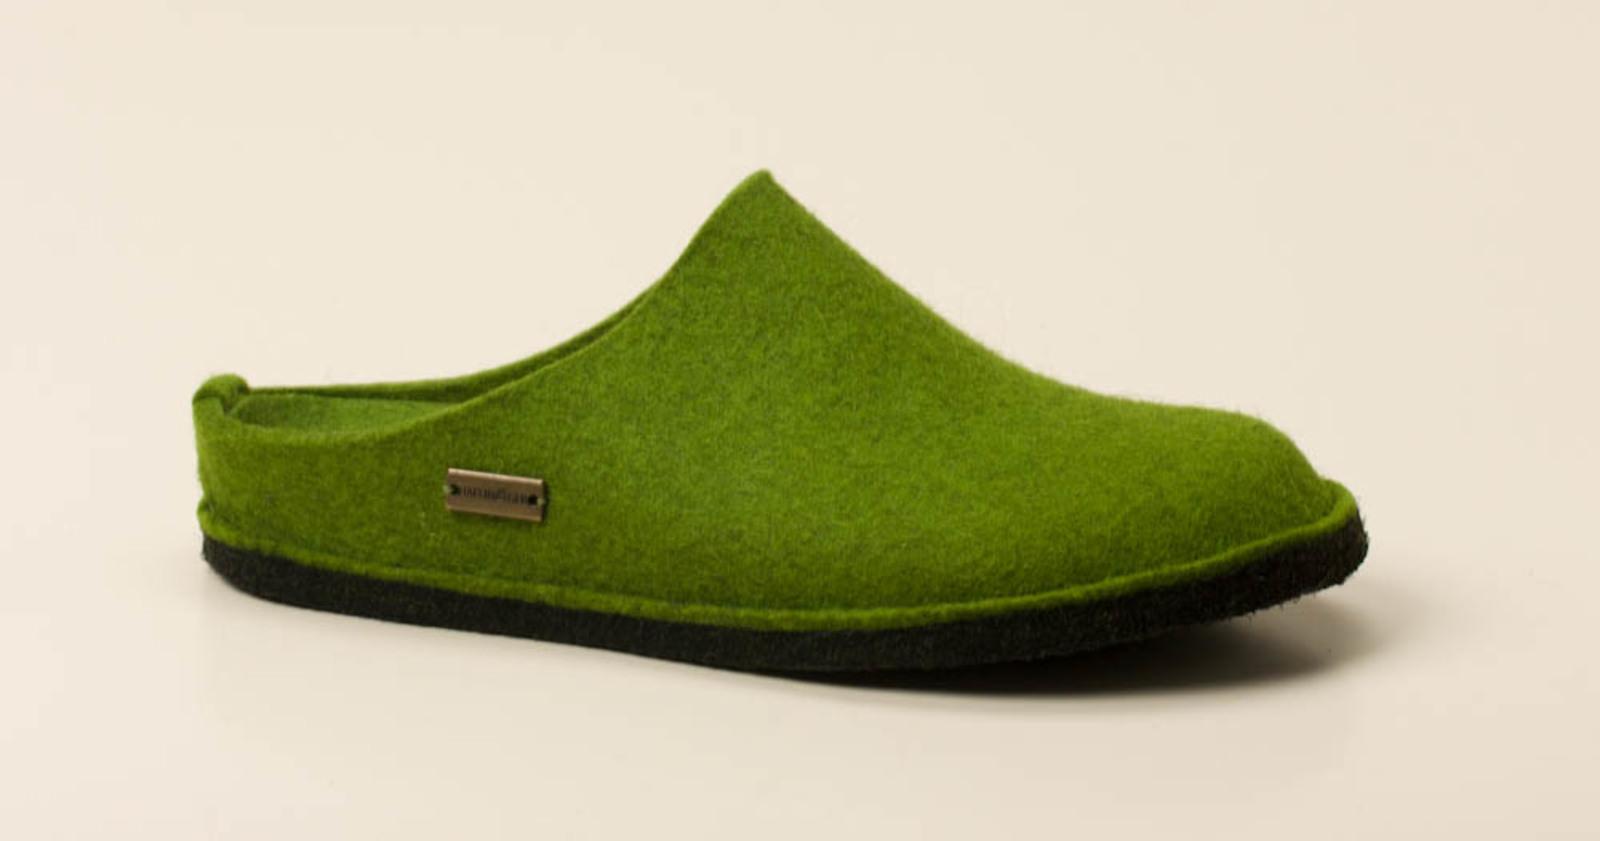 Haflinger Herren Hausschuhe in grün kaufen   Zumnorde Online-Shop 859c7c855c